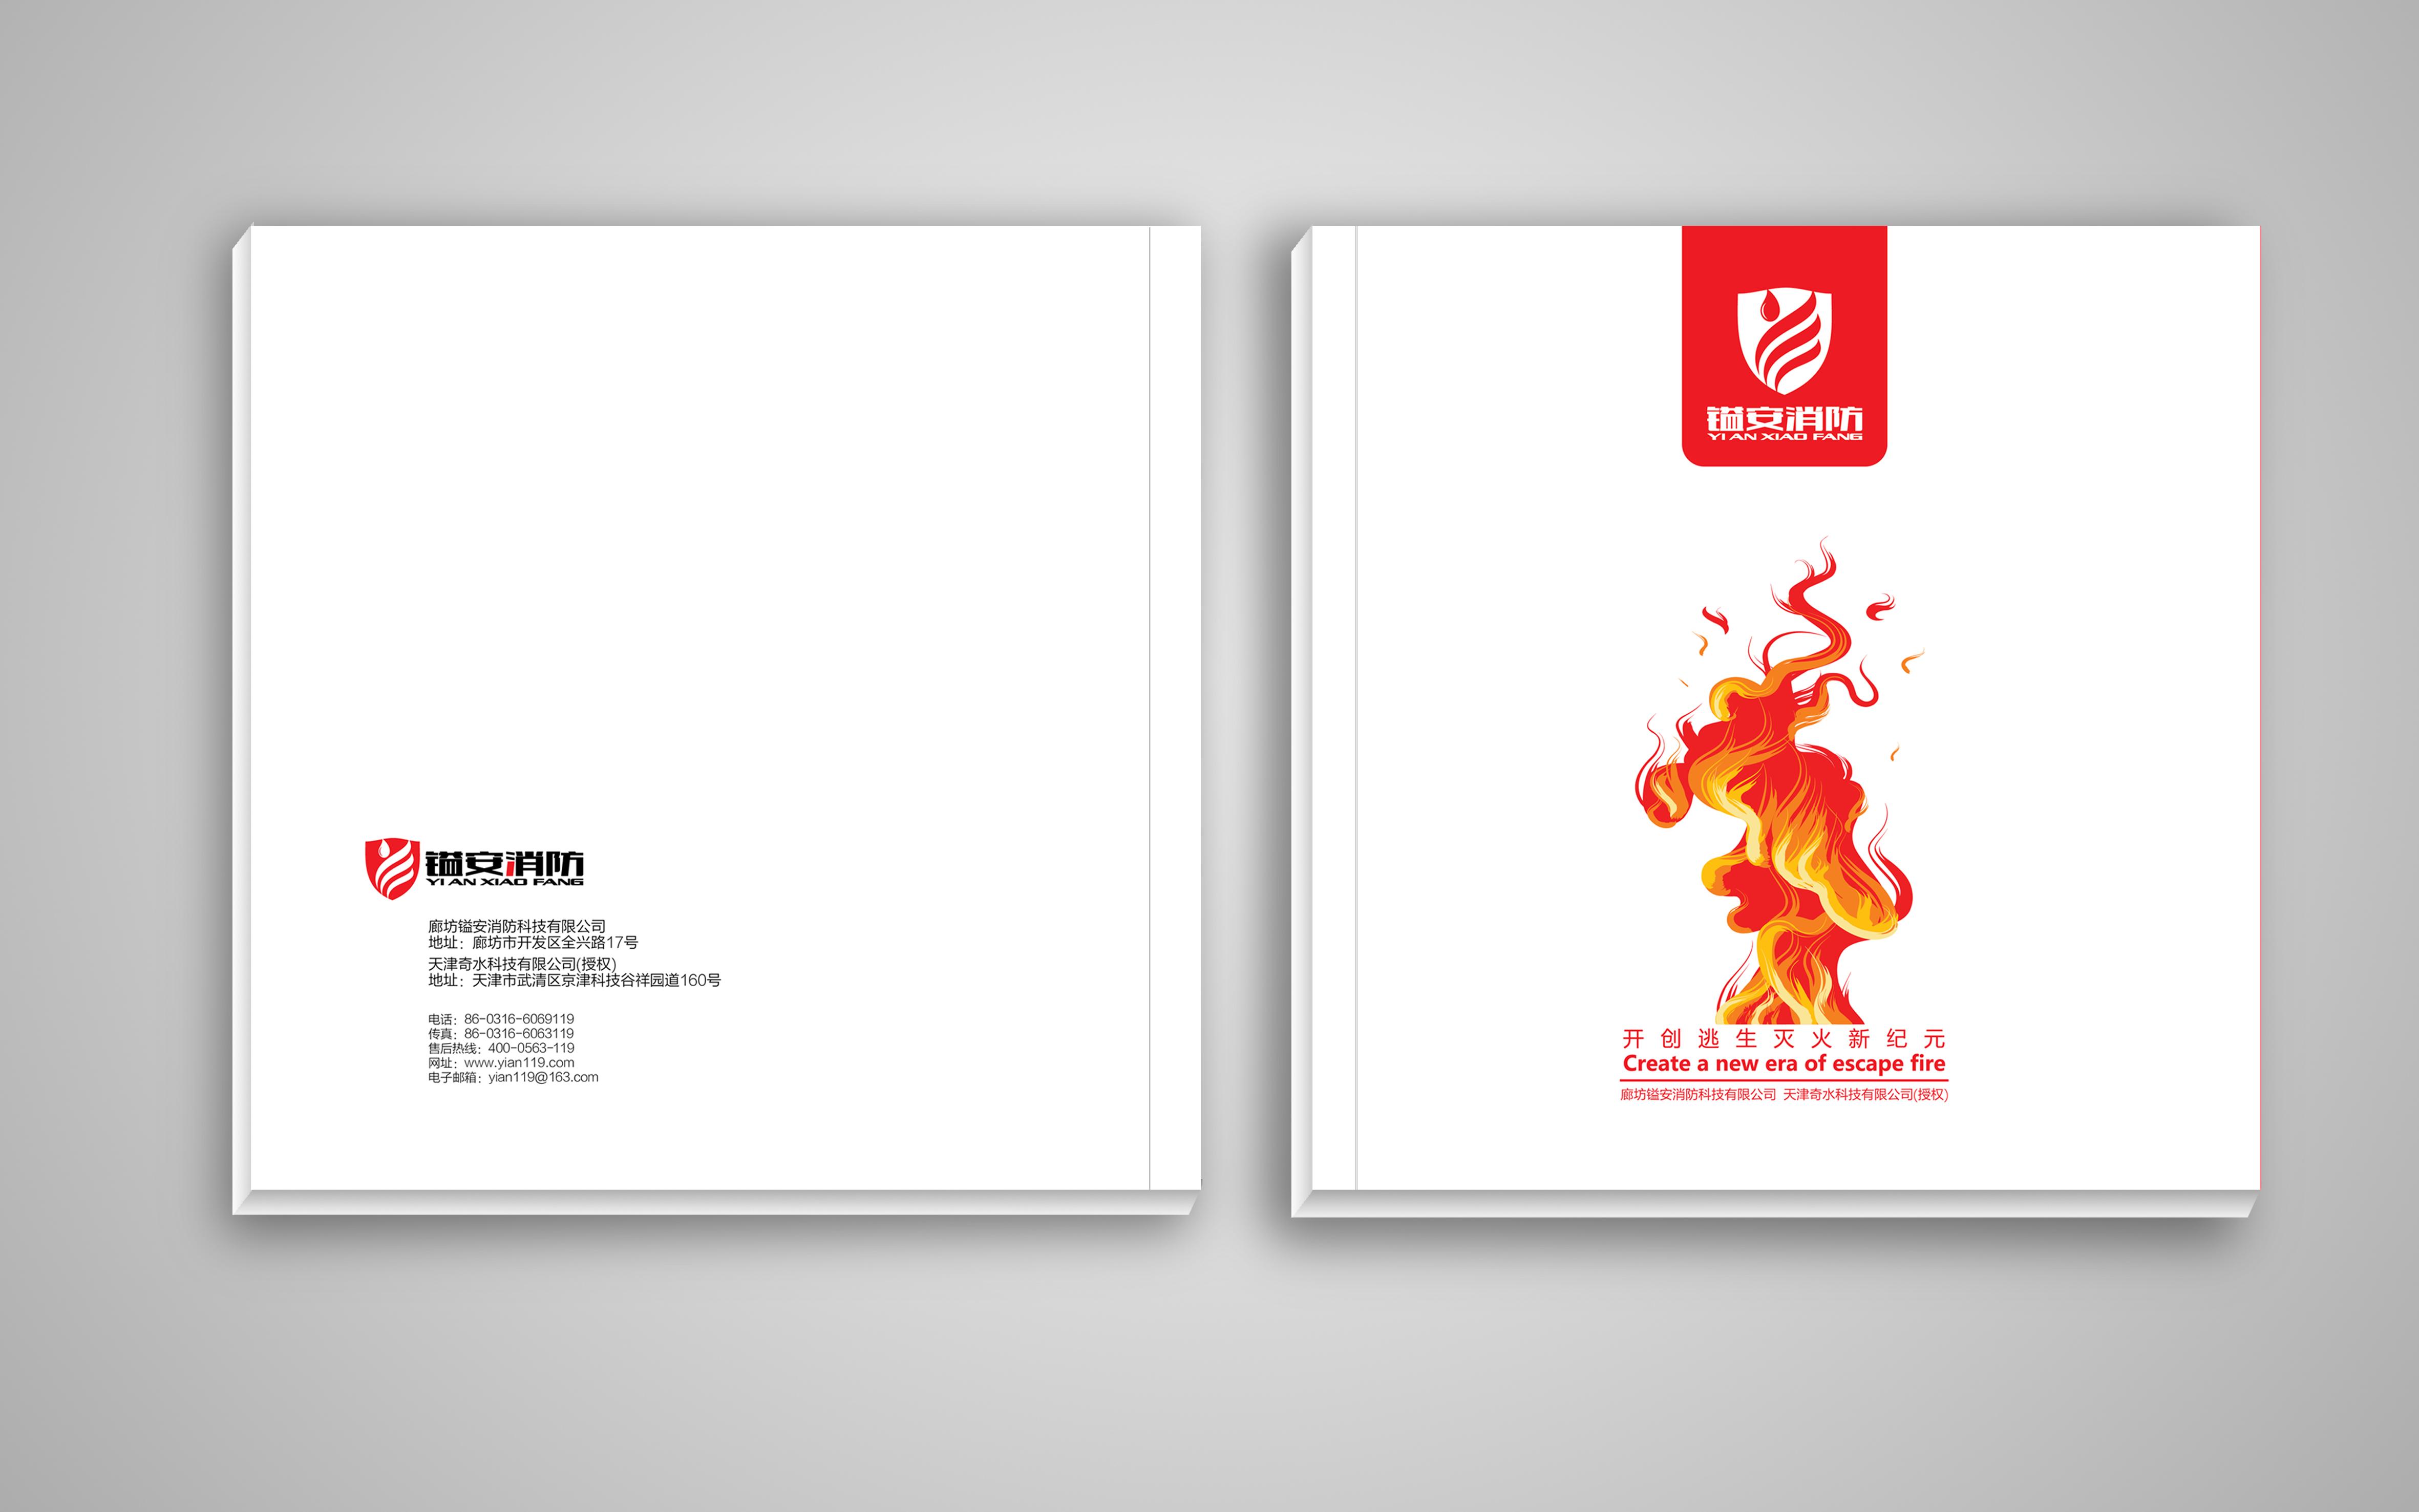 媳给父亲�_镒安消防精装画册效果